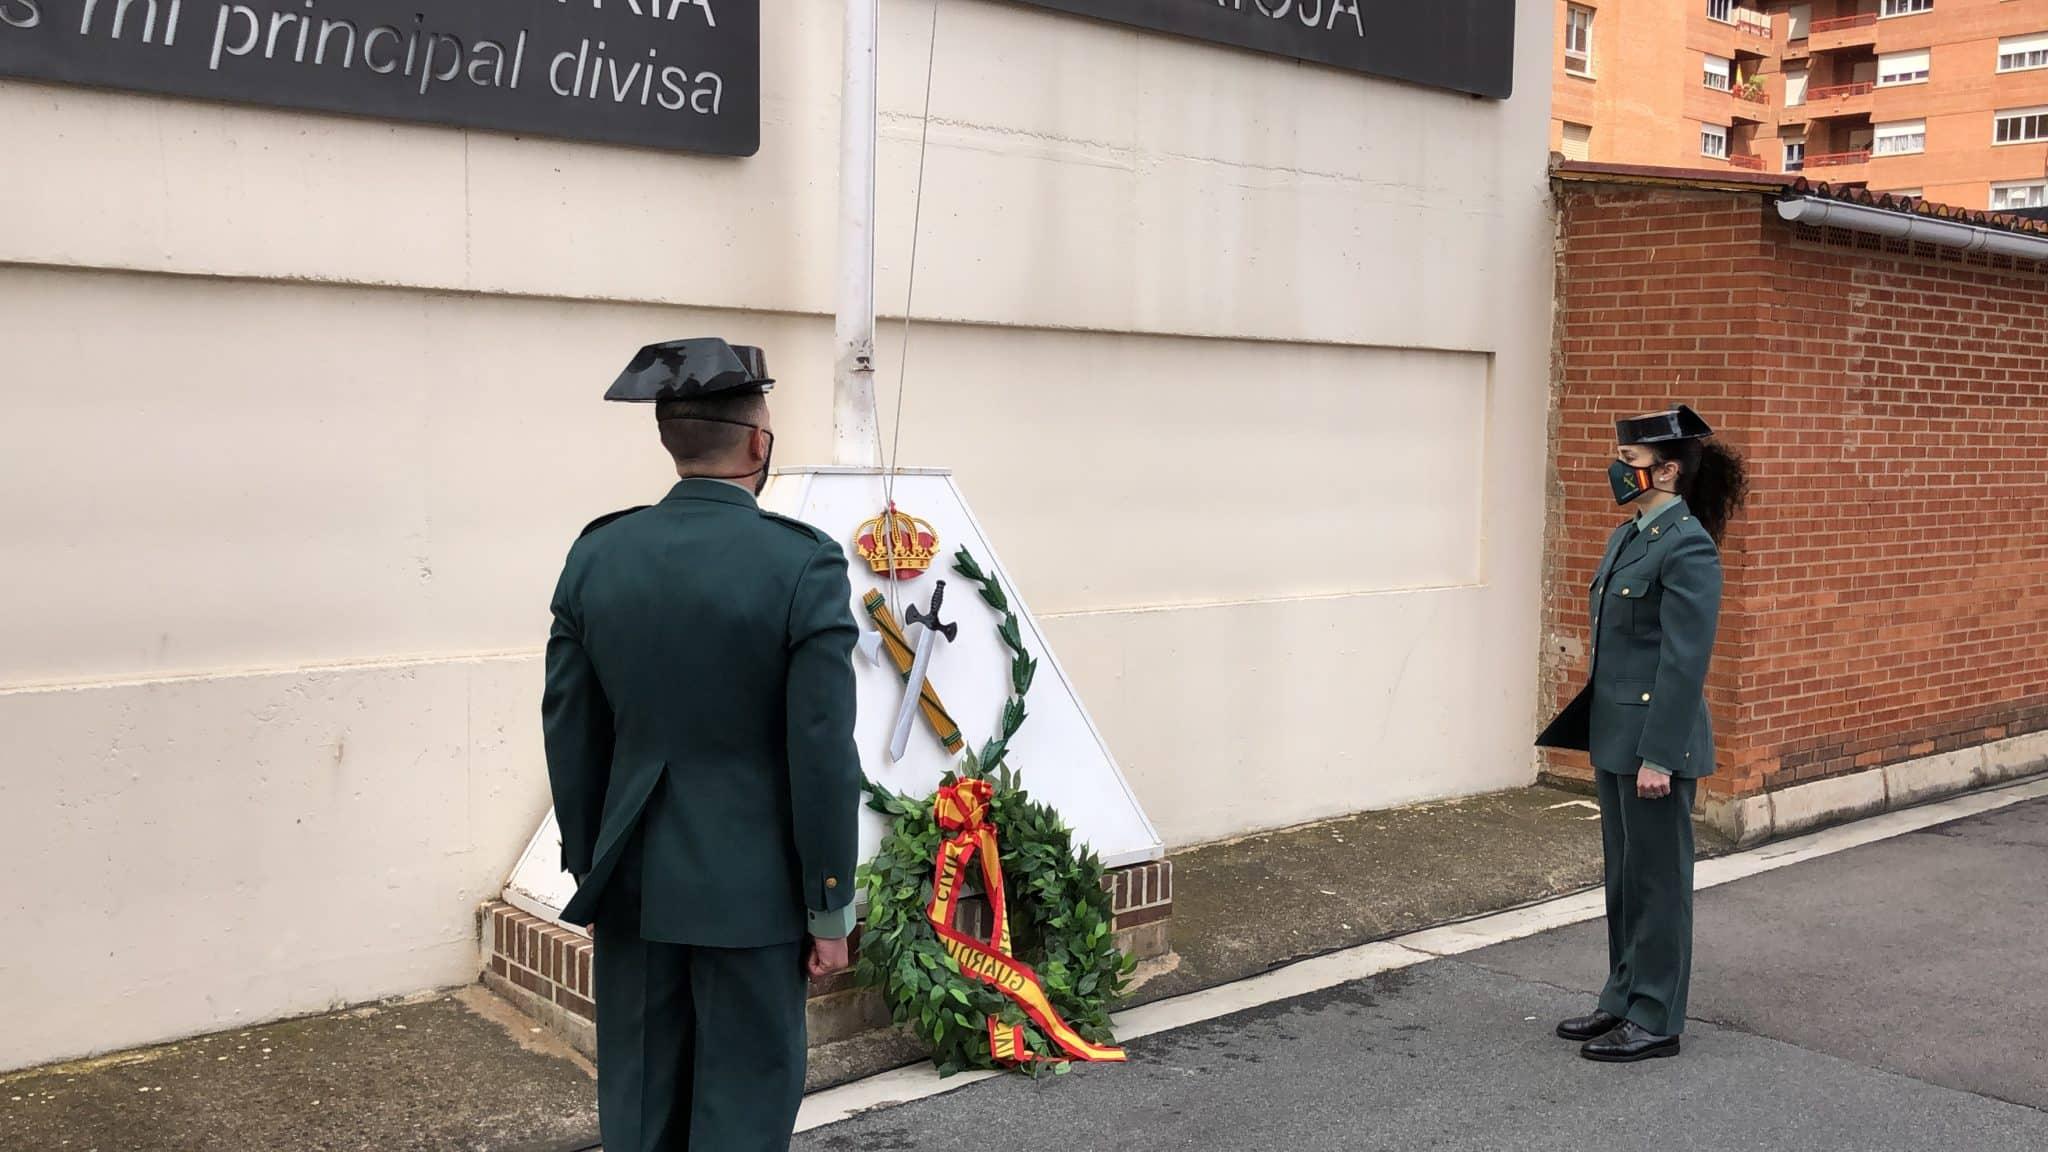 La Guardia Civil celebra en La Rioja de manera simbólica el 176º aniversario de su fundación 3